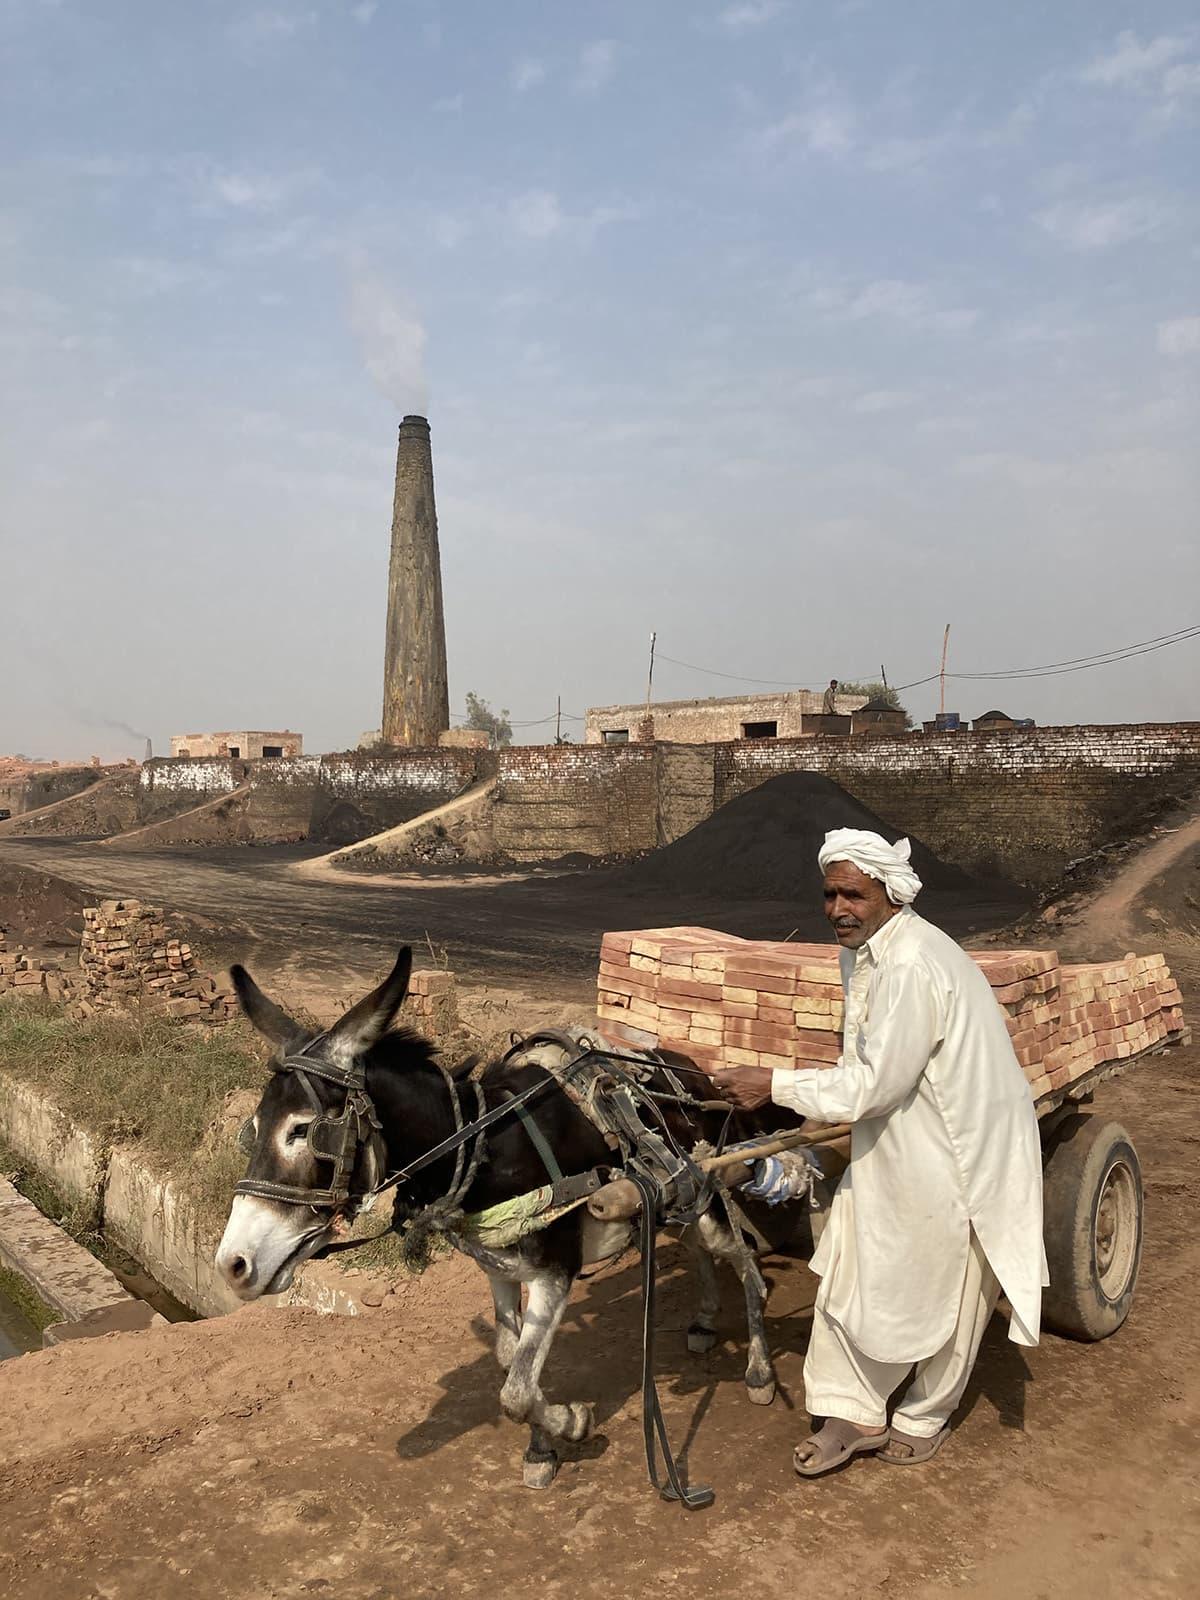 A brick kiln spews white smoke in Kasur, Punjab | Alizeh Kohari